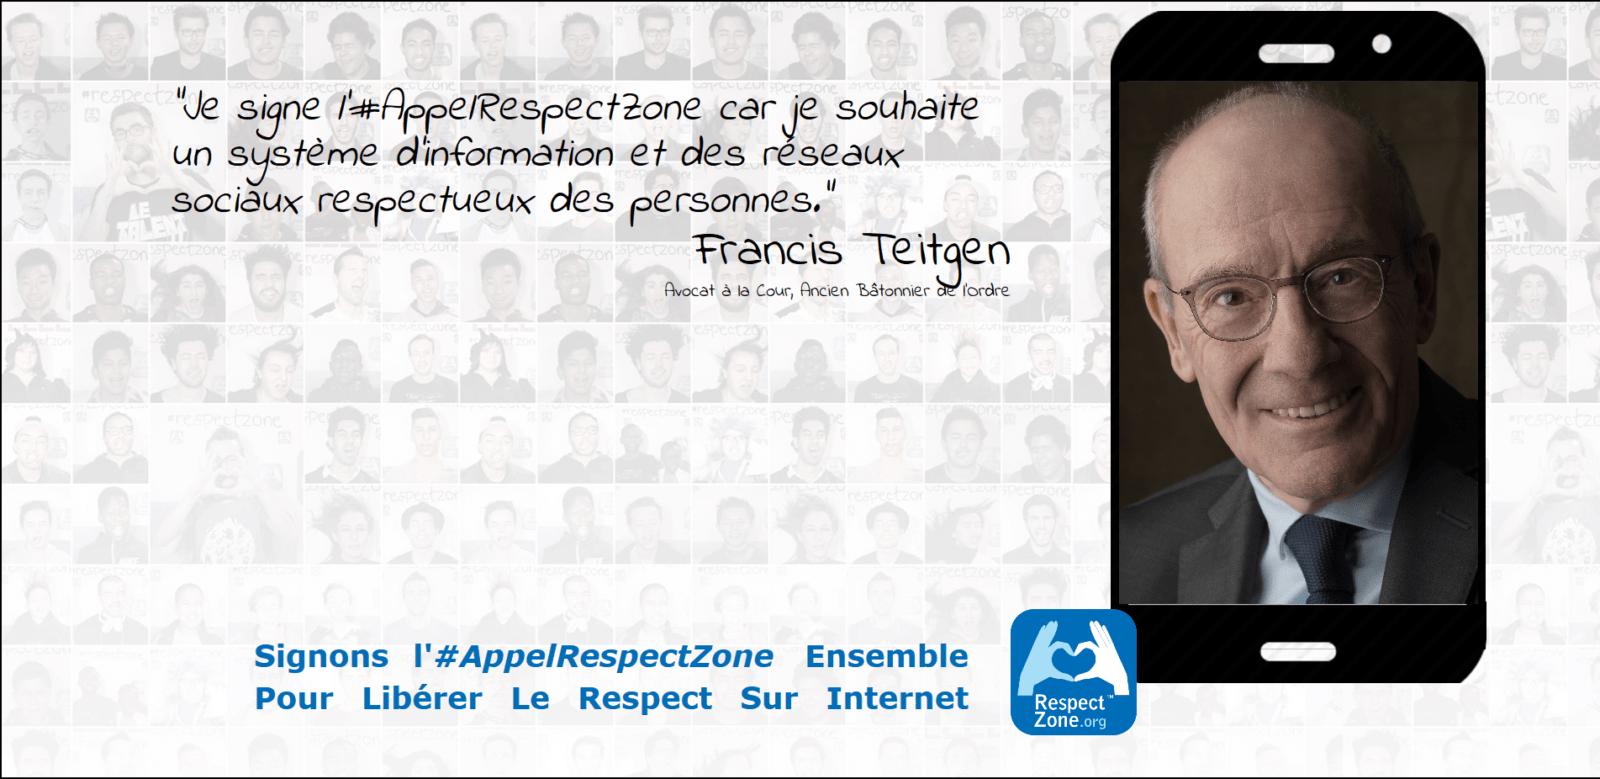 Francis Teitgen